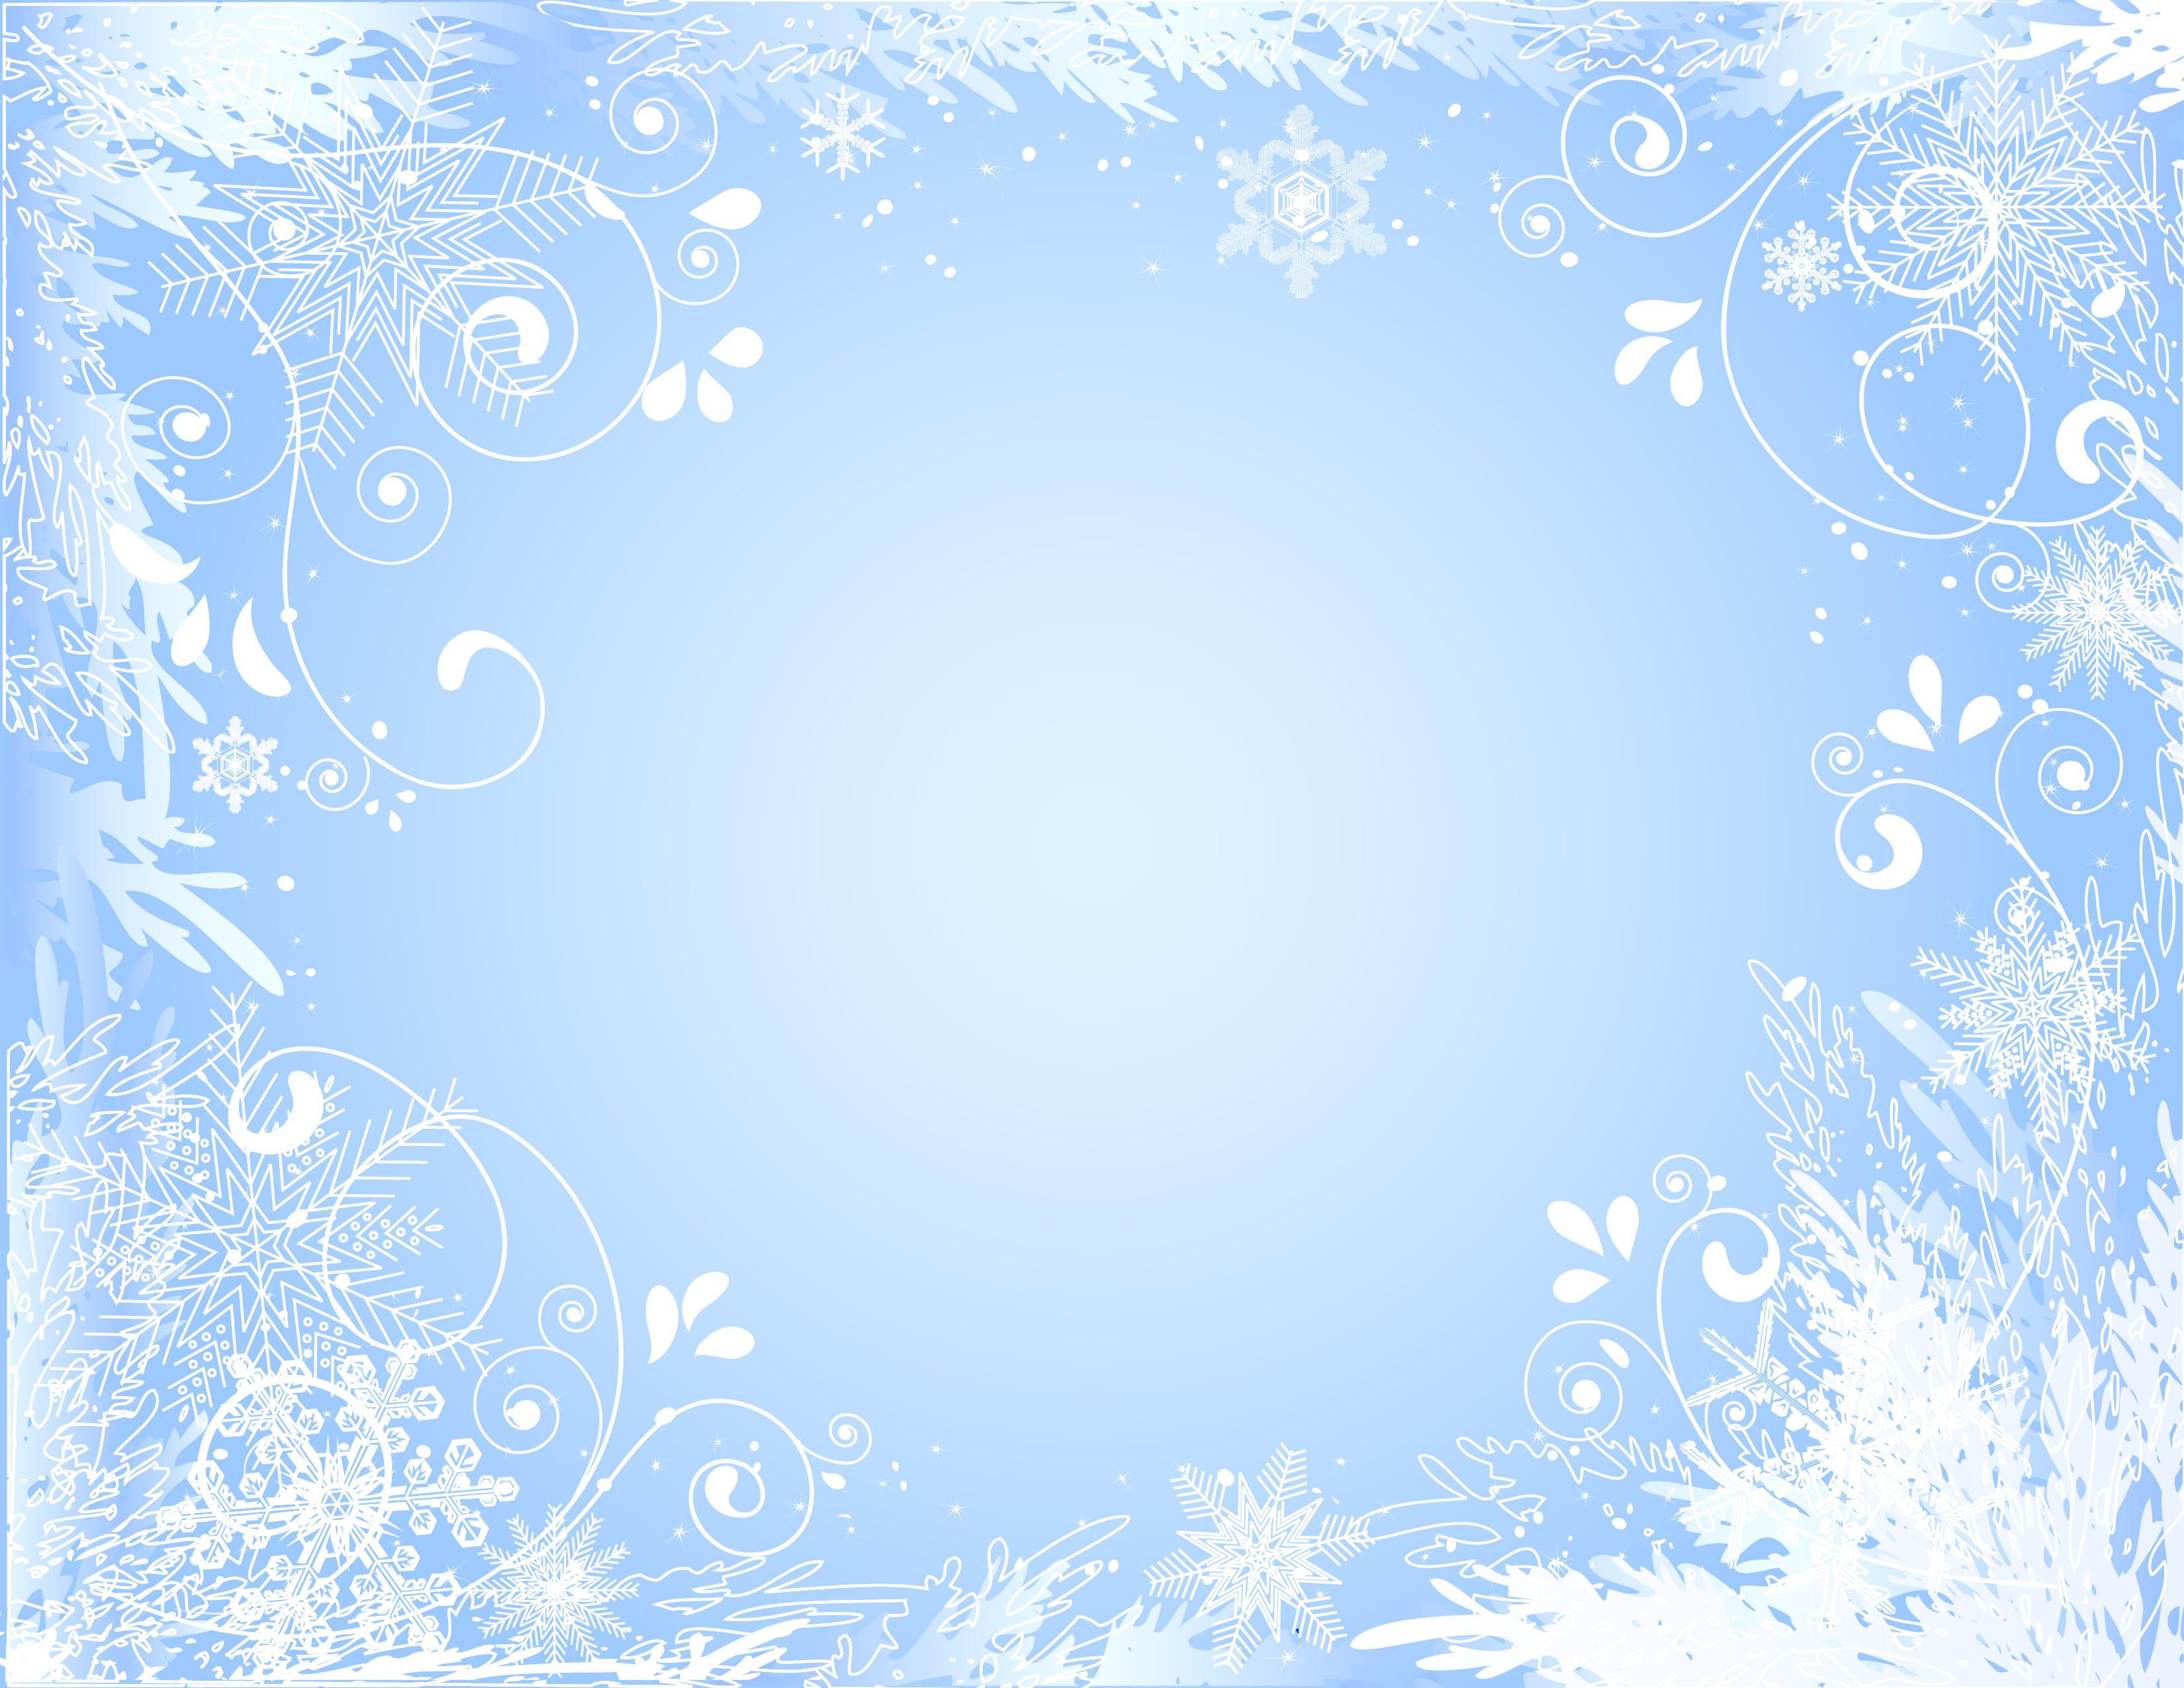 la neige fond bleu de marques de no u00ebl motifs bleu flocon